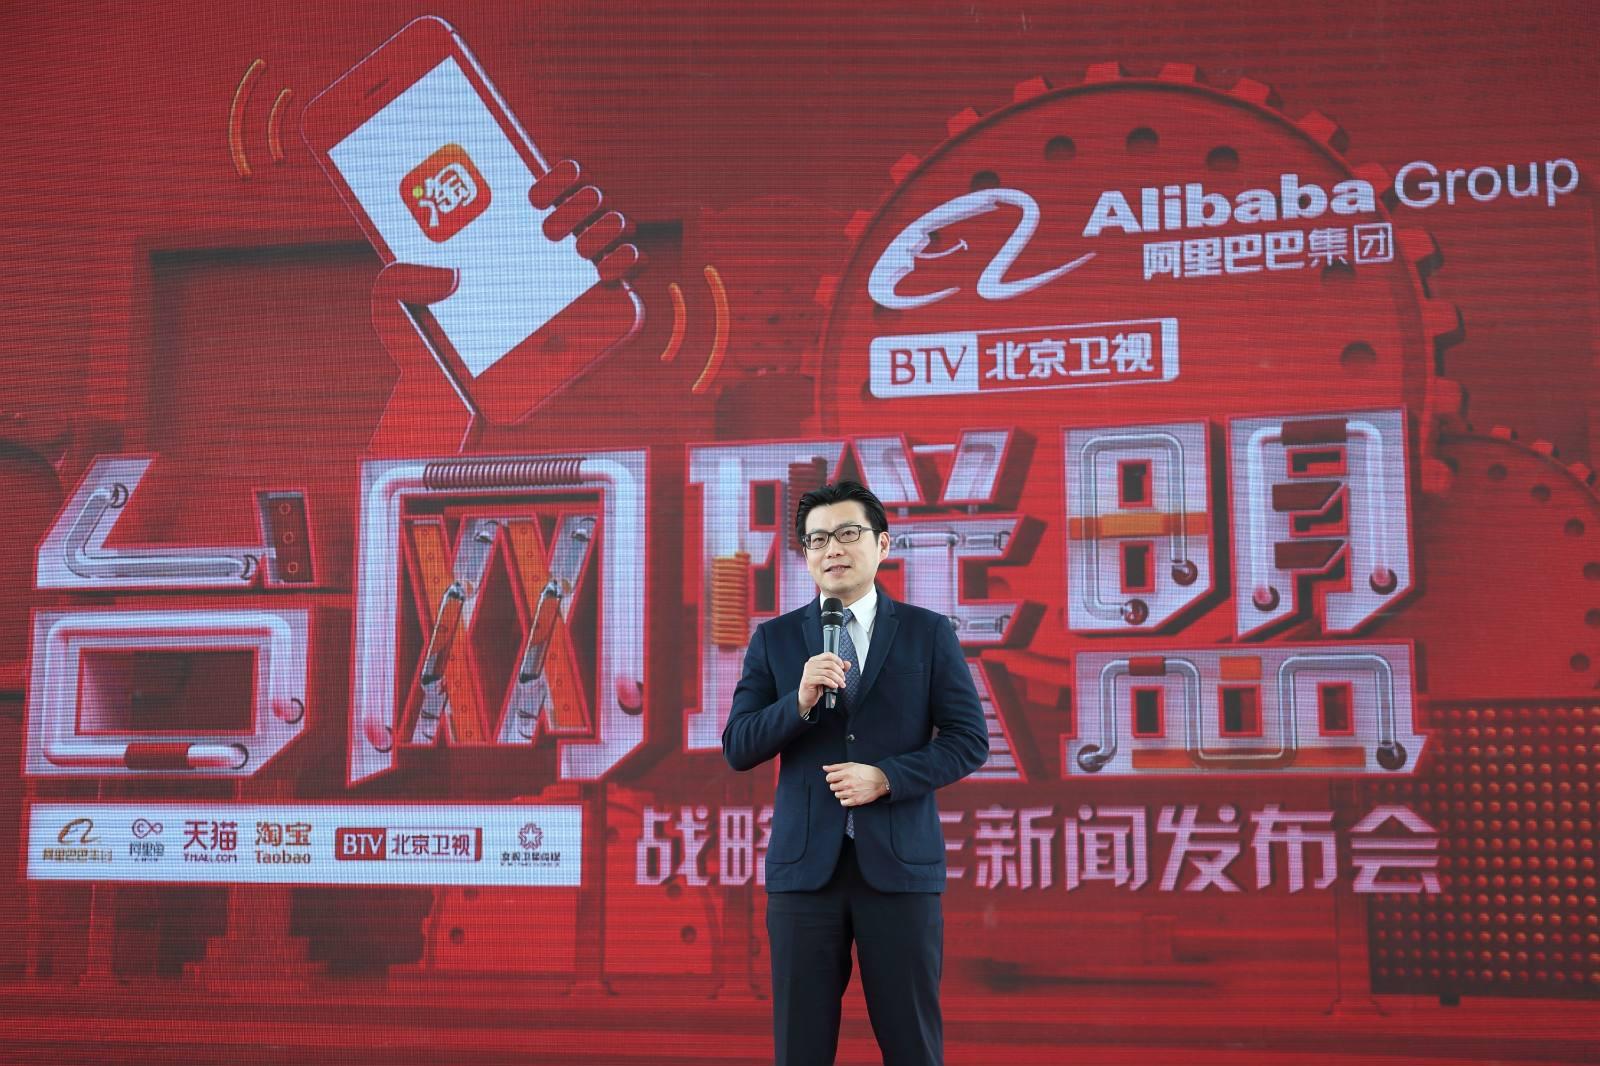 2018年4月23日電視台收視率排行榜,湖南衛視收視率第一北京衛視第三